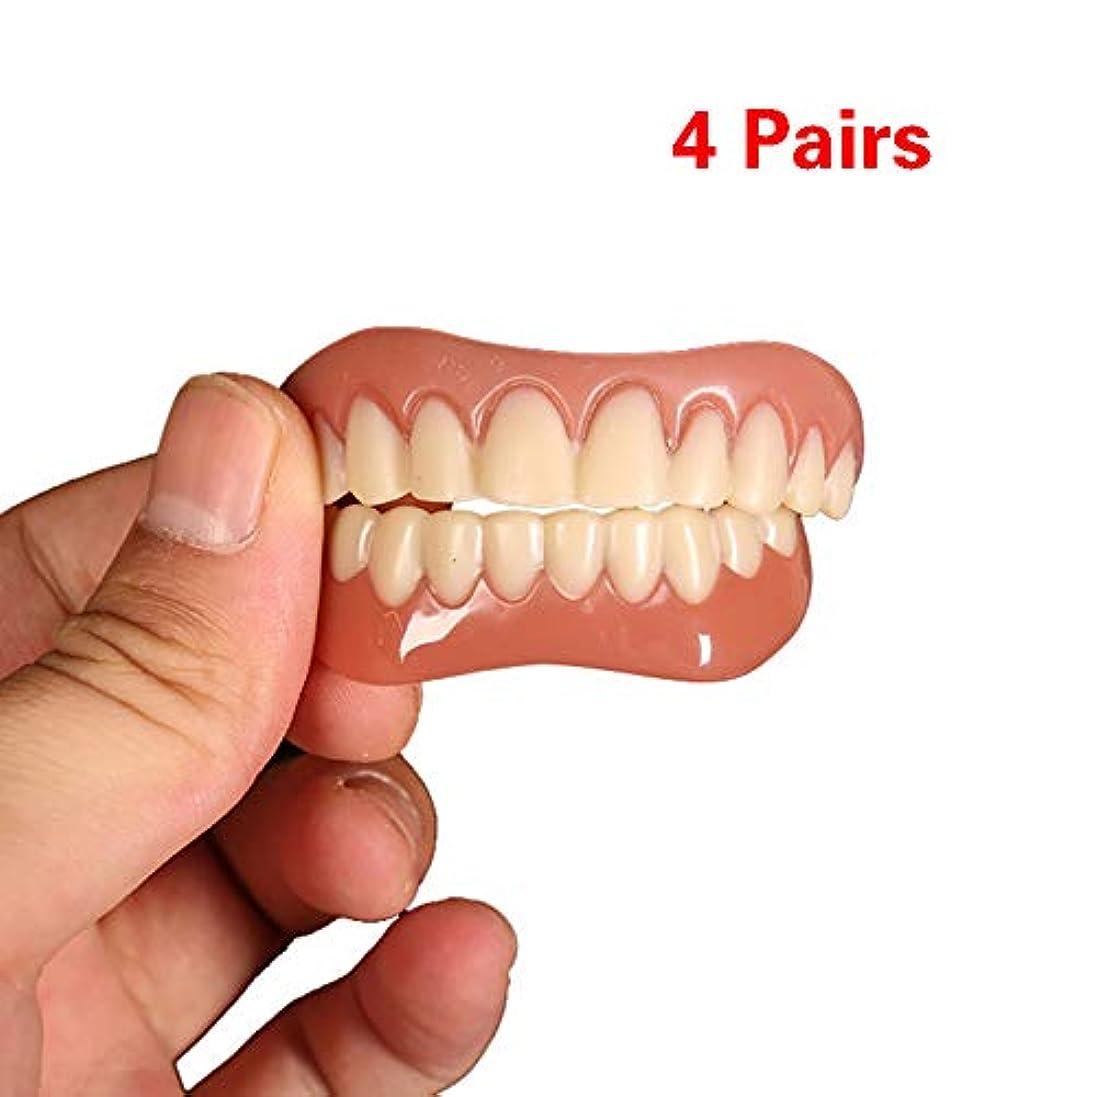 ライバル特性議題歯の快適さフィットフレックス化粧品の歯義歯歯の上+下化粧品のベニヤシミュレーションブレース